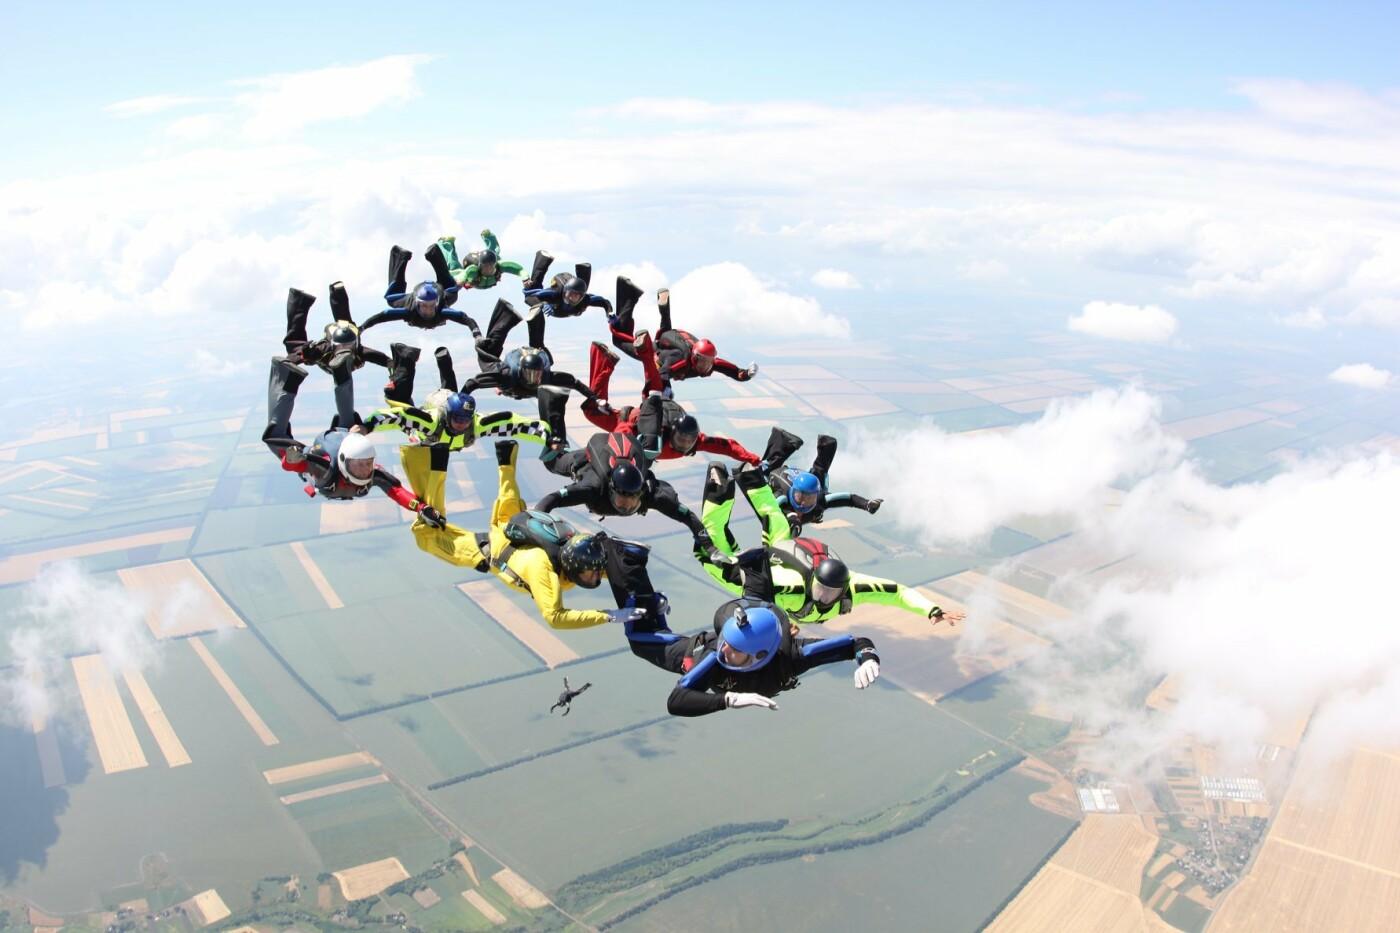 Активный отдых в Днепре - прыжки с парашюта, водный спорт, прокат и аренда транспорта , фото-4